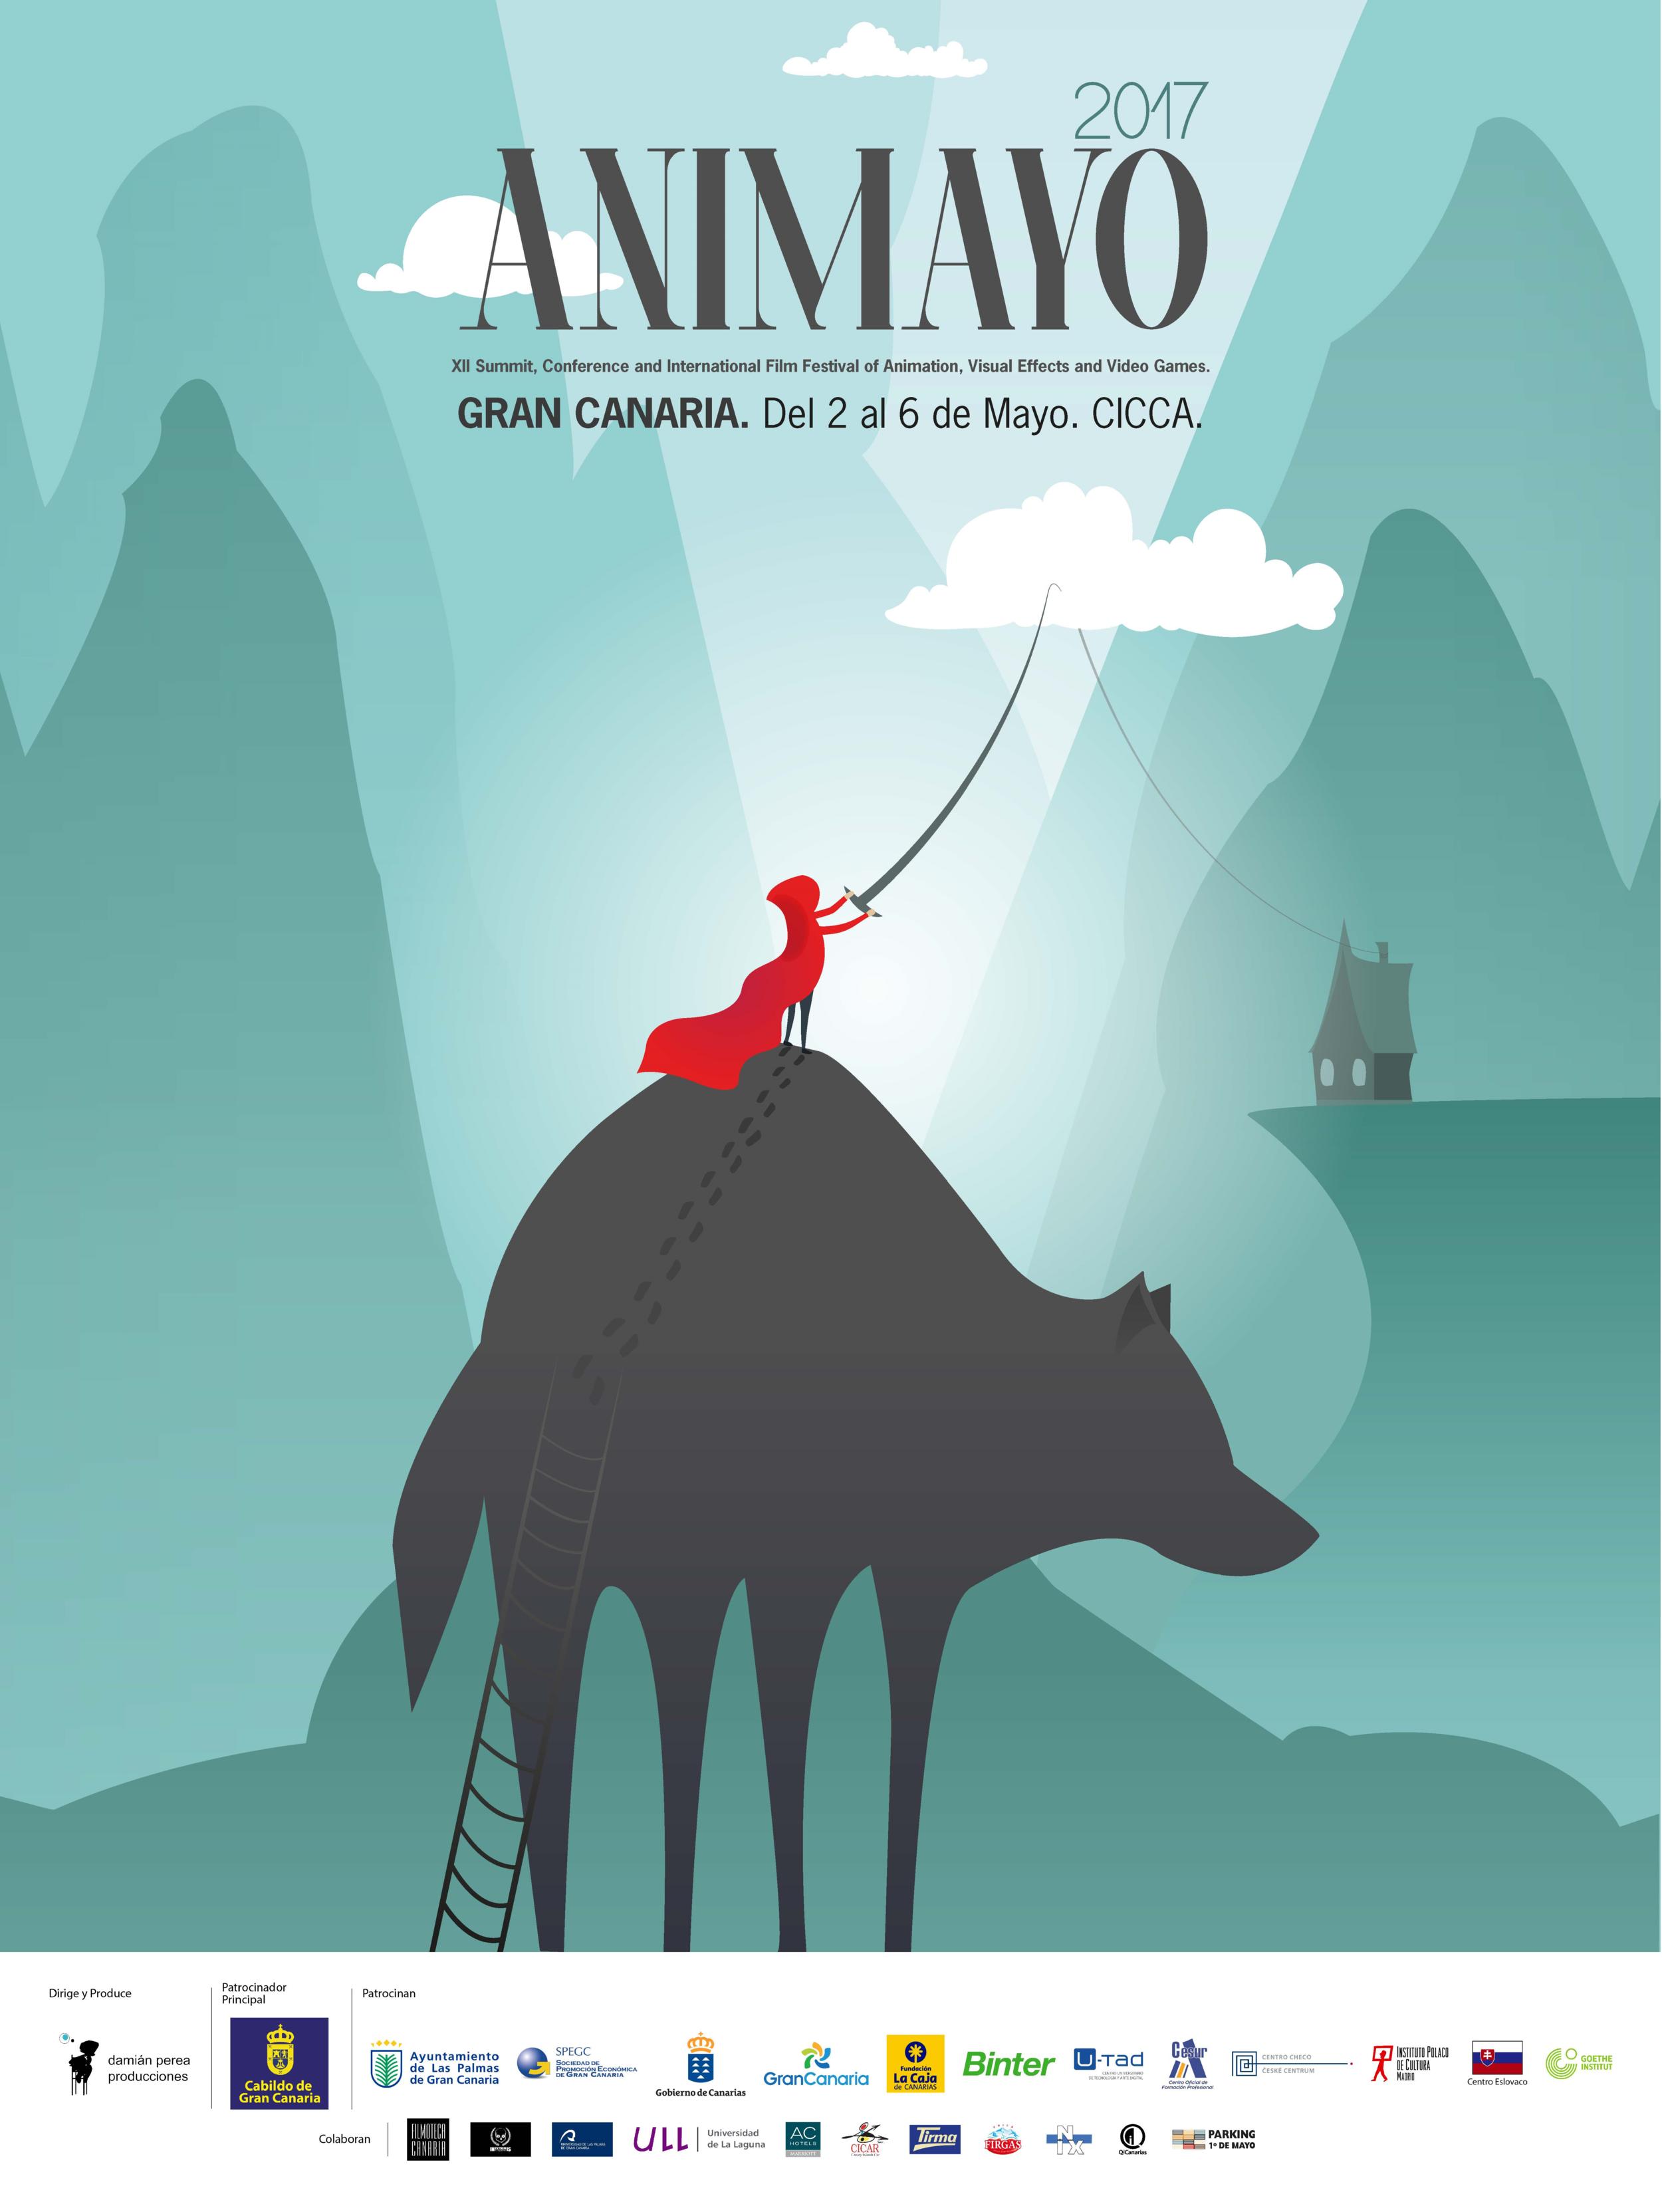 Cartel oficial de Animayo 2017